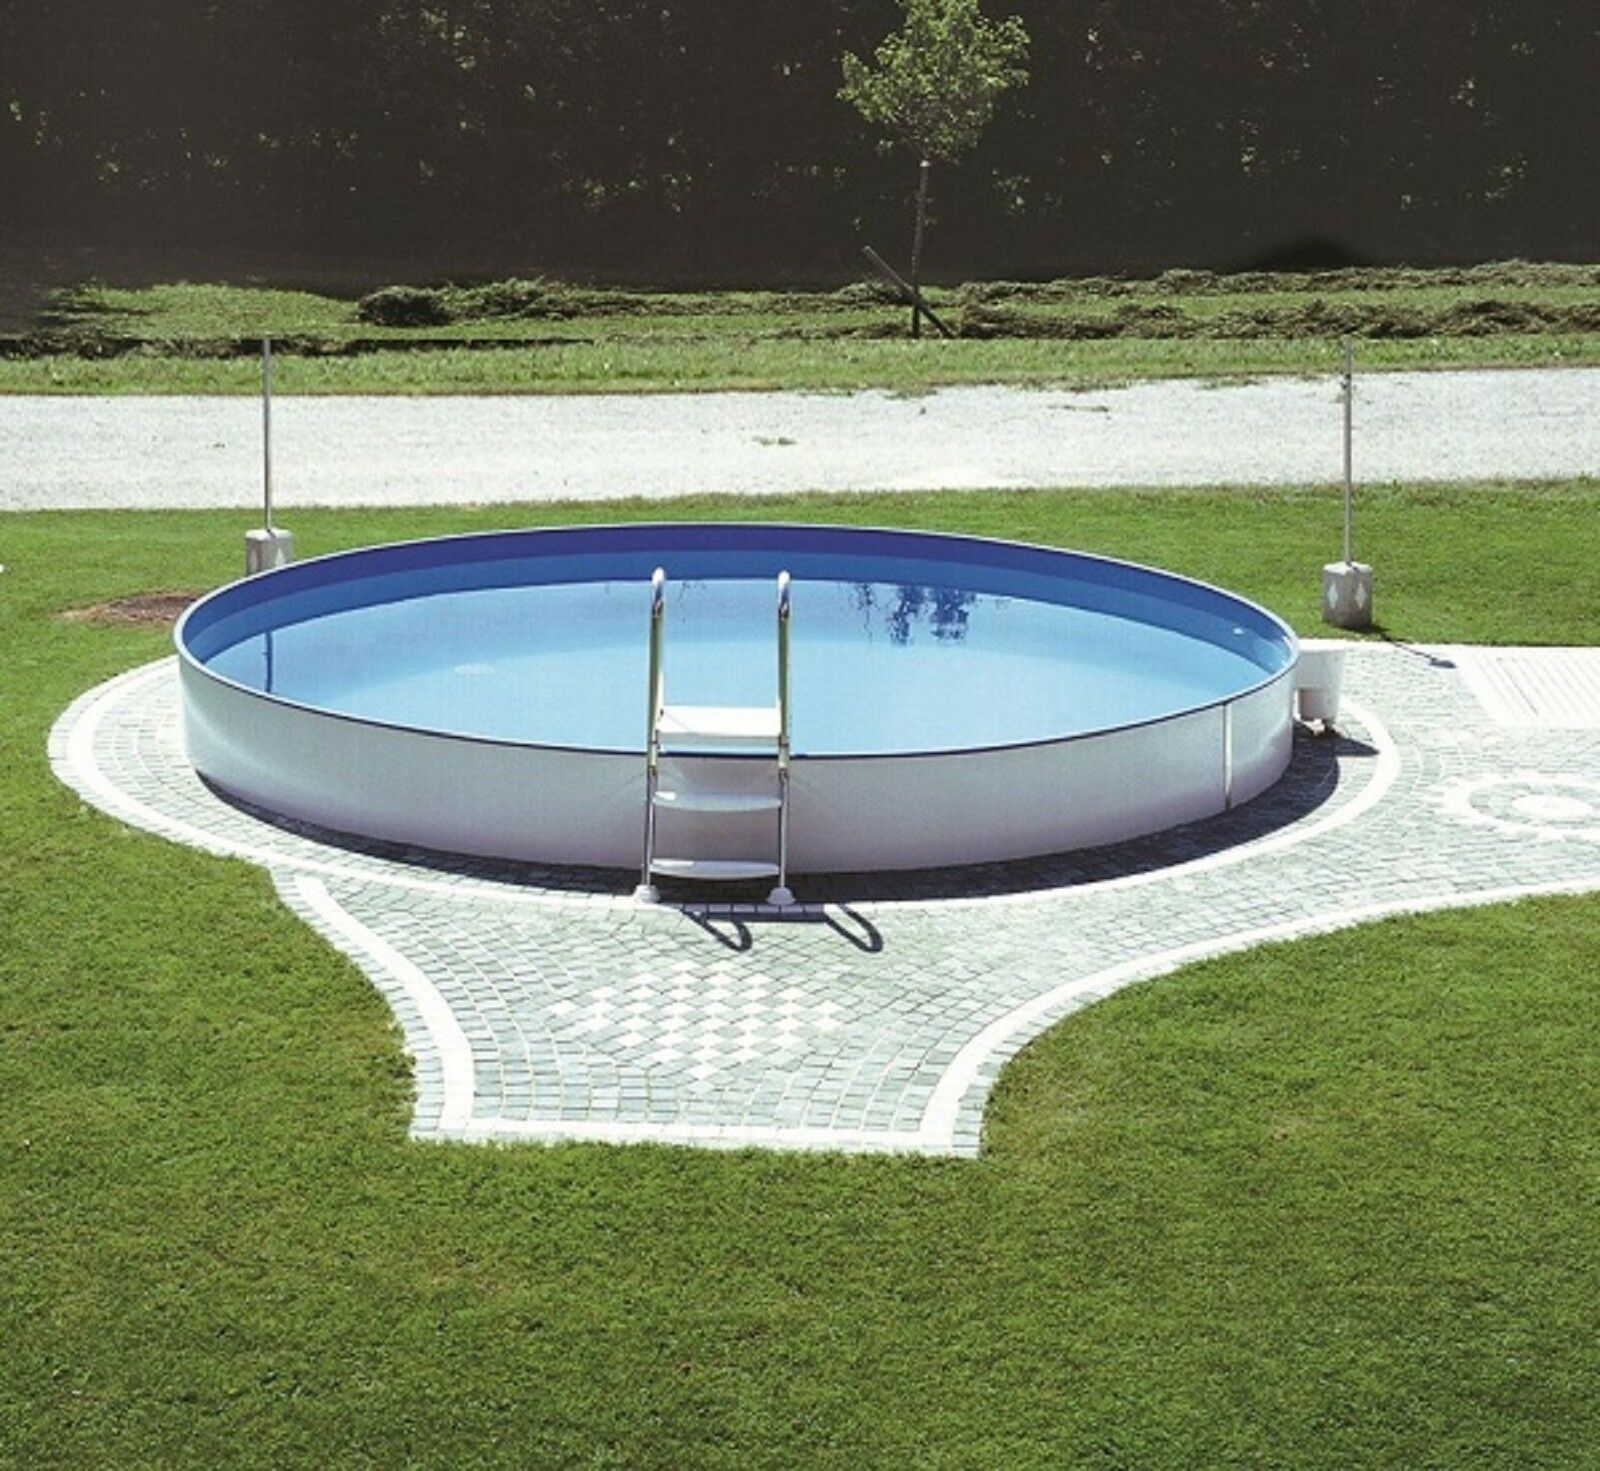 Pool schwimmbecken rund 5 00 x 1 50 m stahlwand 0 80mm for Stahlwandpool angebot